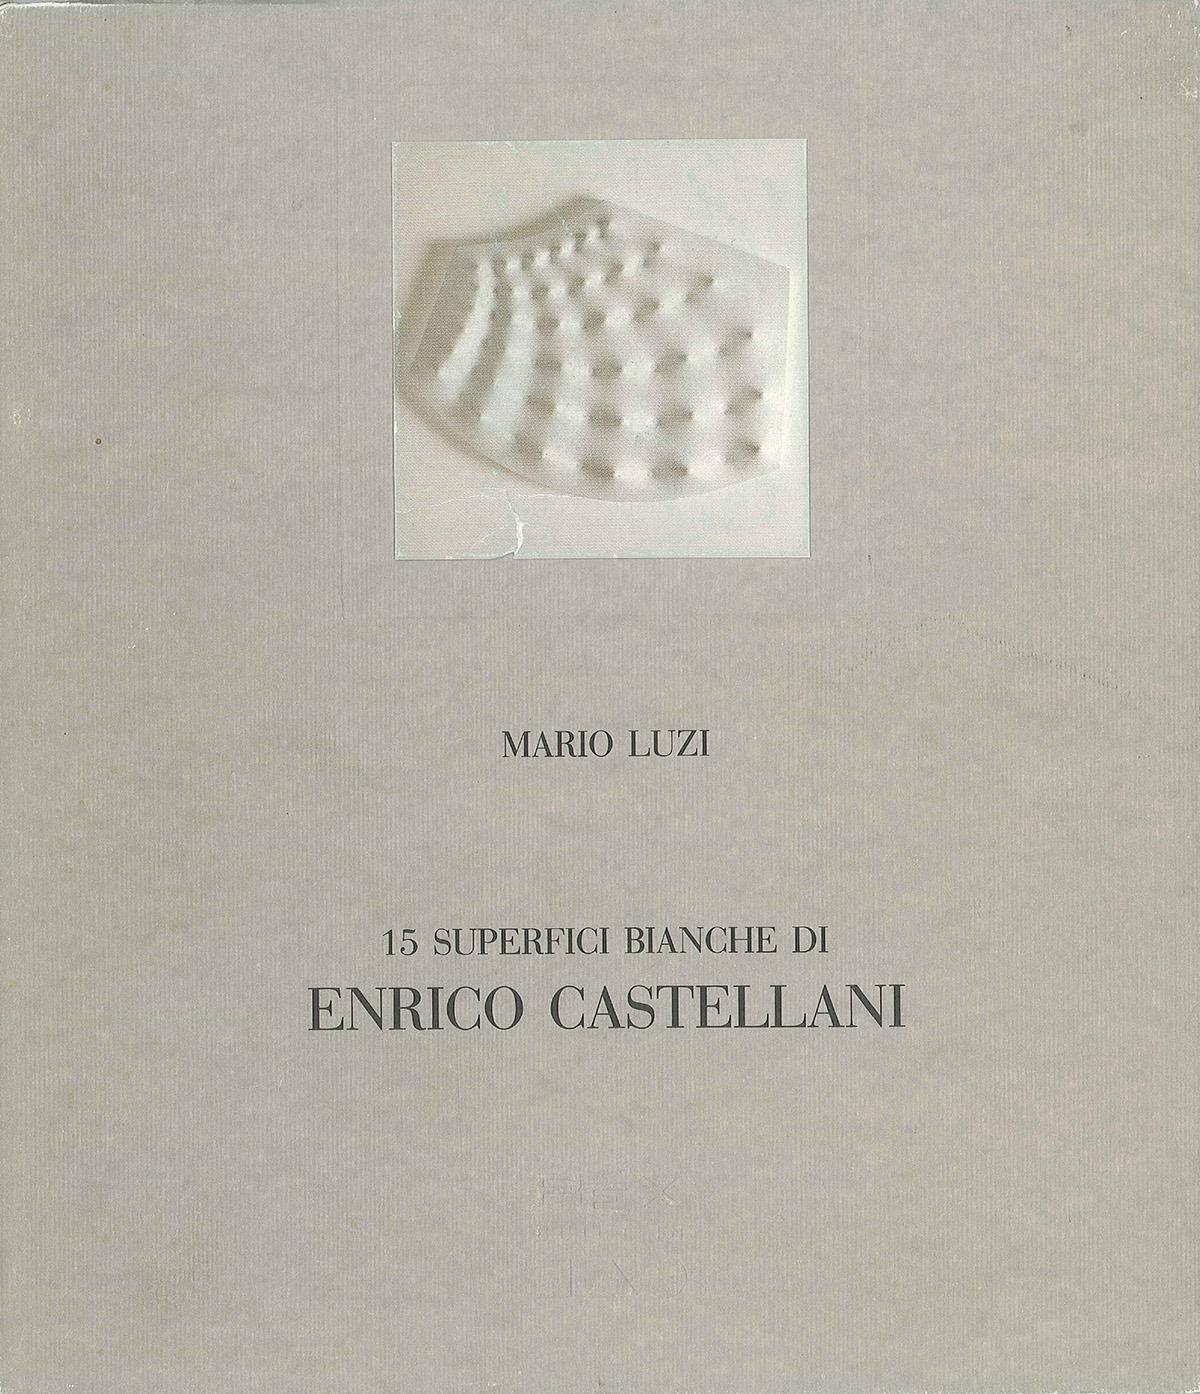 Cover - 15 superfici bianche di Enrico Castellani, Mario Luzi, 1994, Rex Built-In / Zanussi Italia, Udine